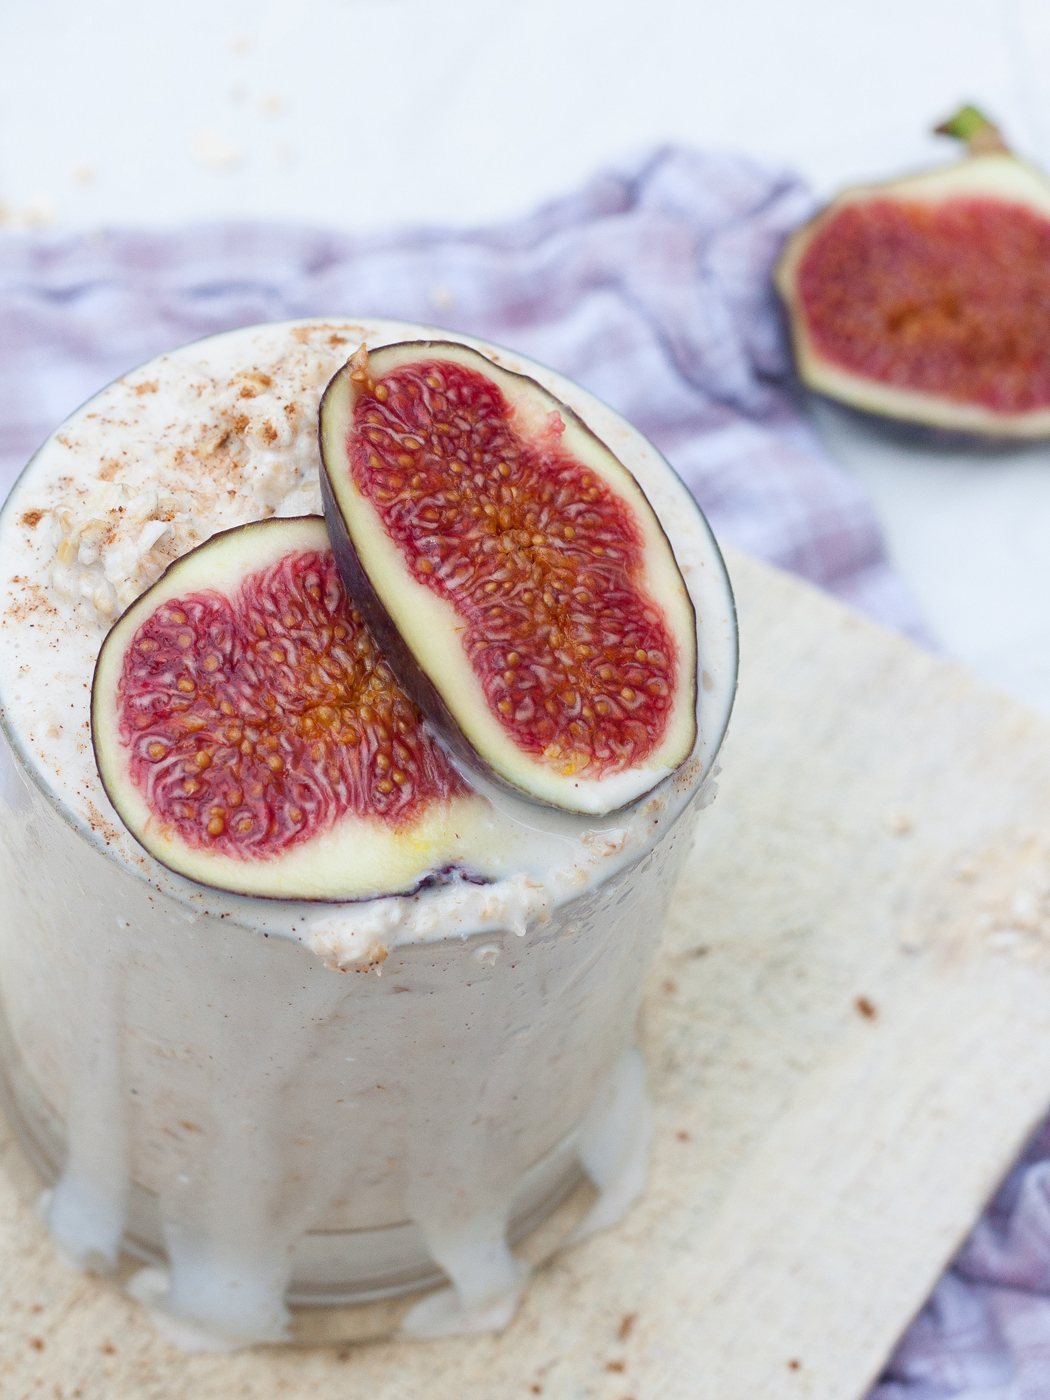 Rezept für Vanille Overnight Oats mit Feigen von Kochkarussell zum #SuperfoodSamstag bei feiertäglich